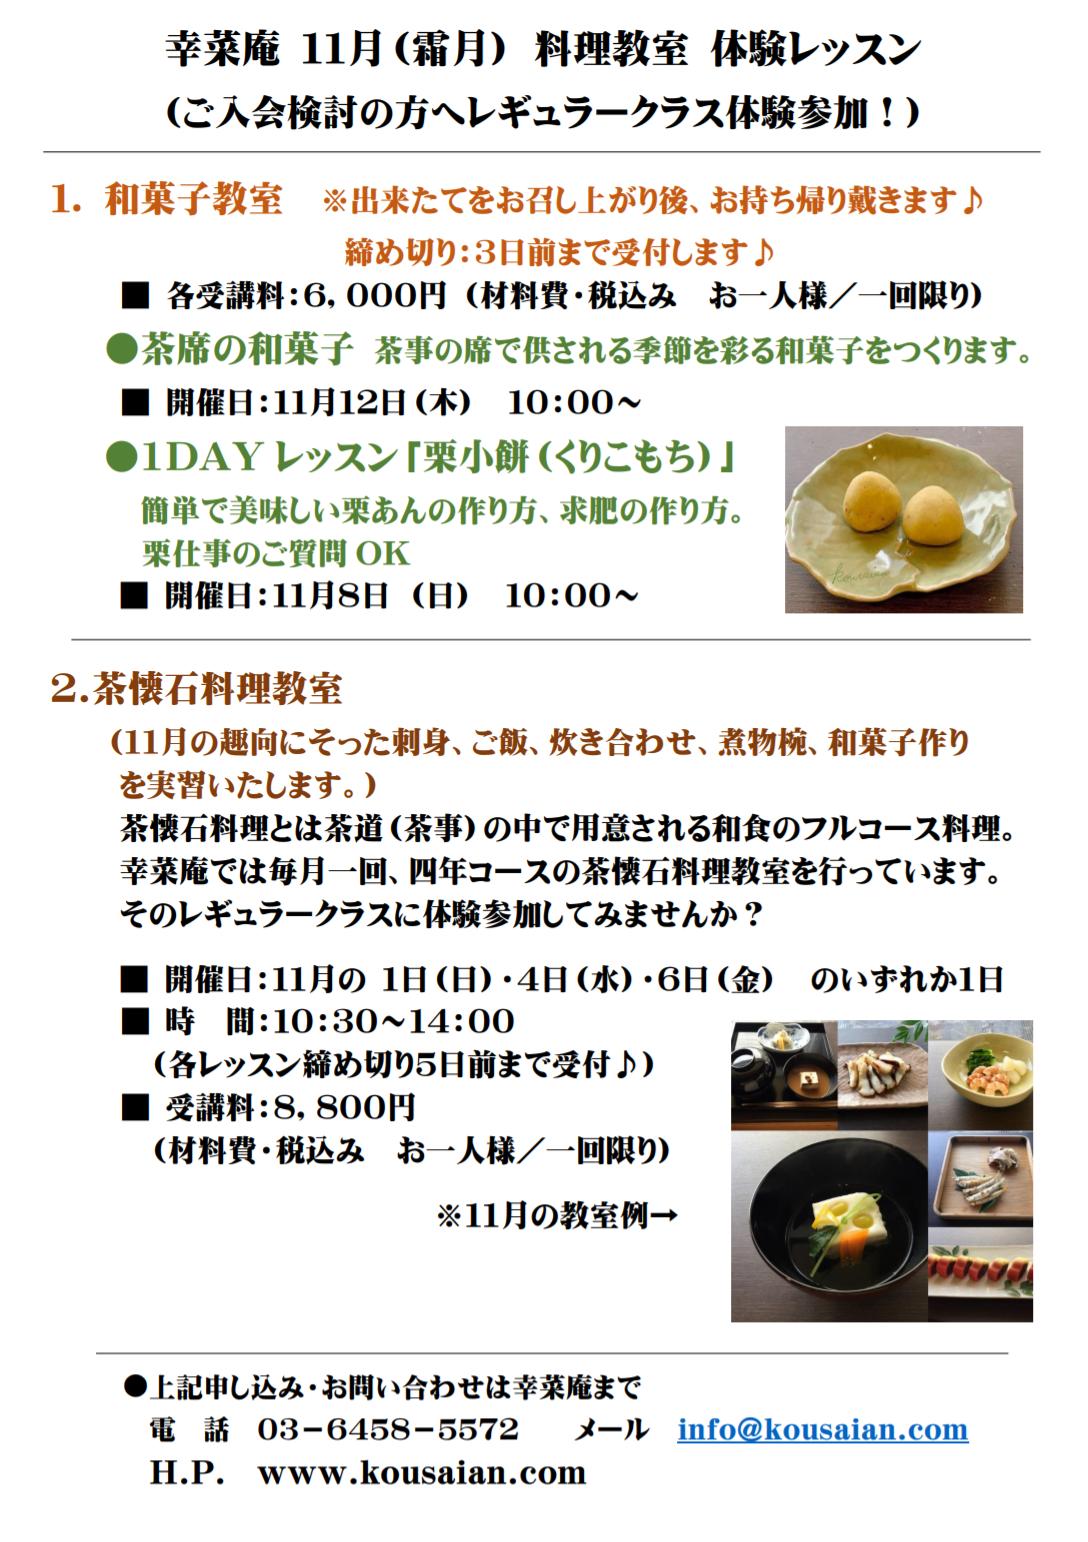 幸菜庵 11(霜月)月の料理教室 体験レッスン ご予約受付中